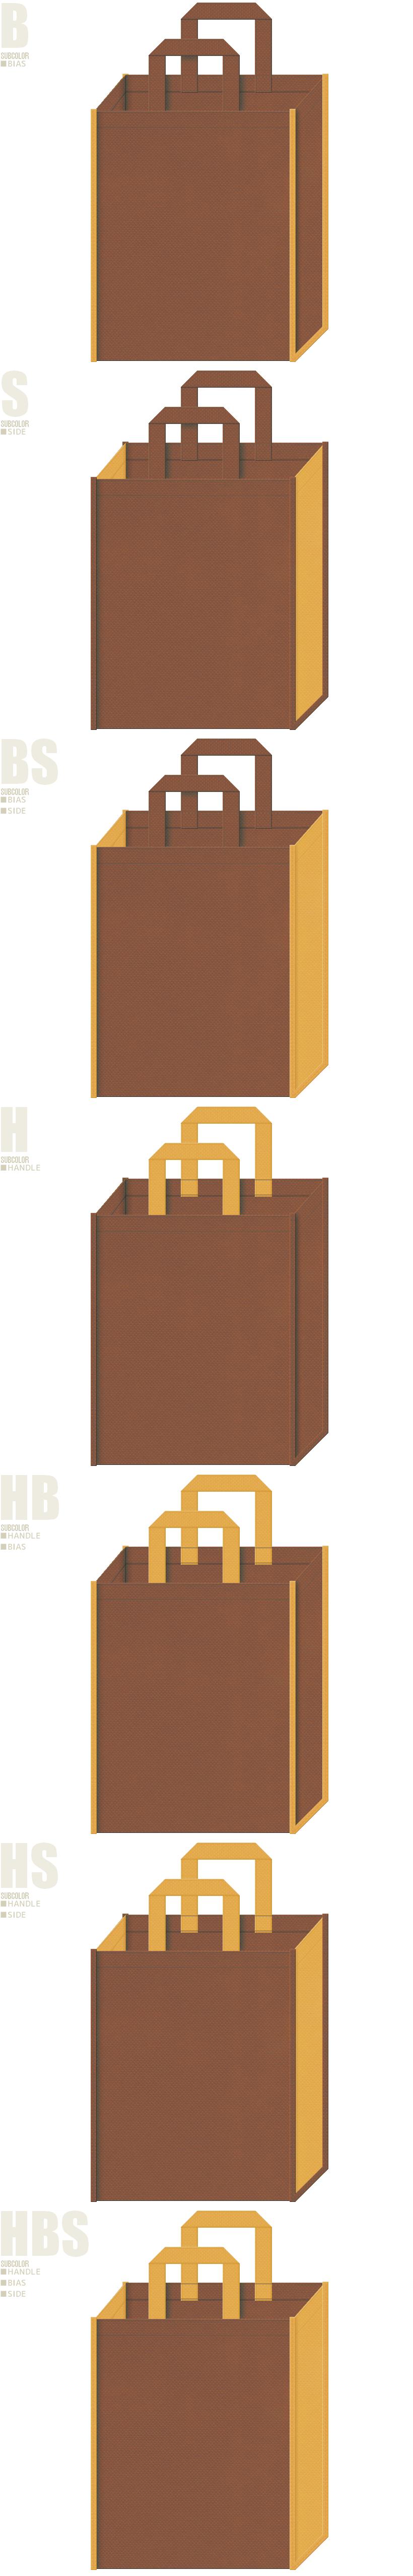 住宅展示場・ログハウス・木製インテリアの展示会用バッグ、ベーカリーショップのショッピングバッグにお奨めです。茶色と黄土色、7パターンの不織布トートバッグ配色デザイン例。